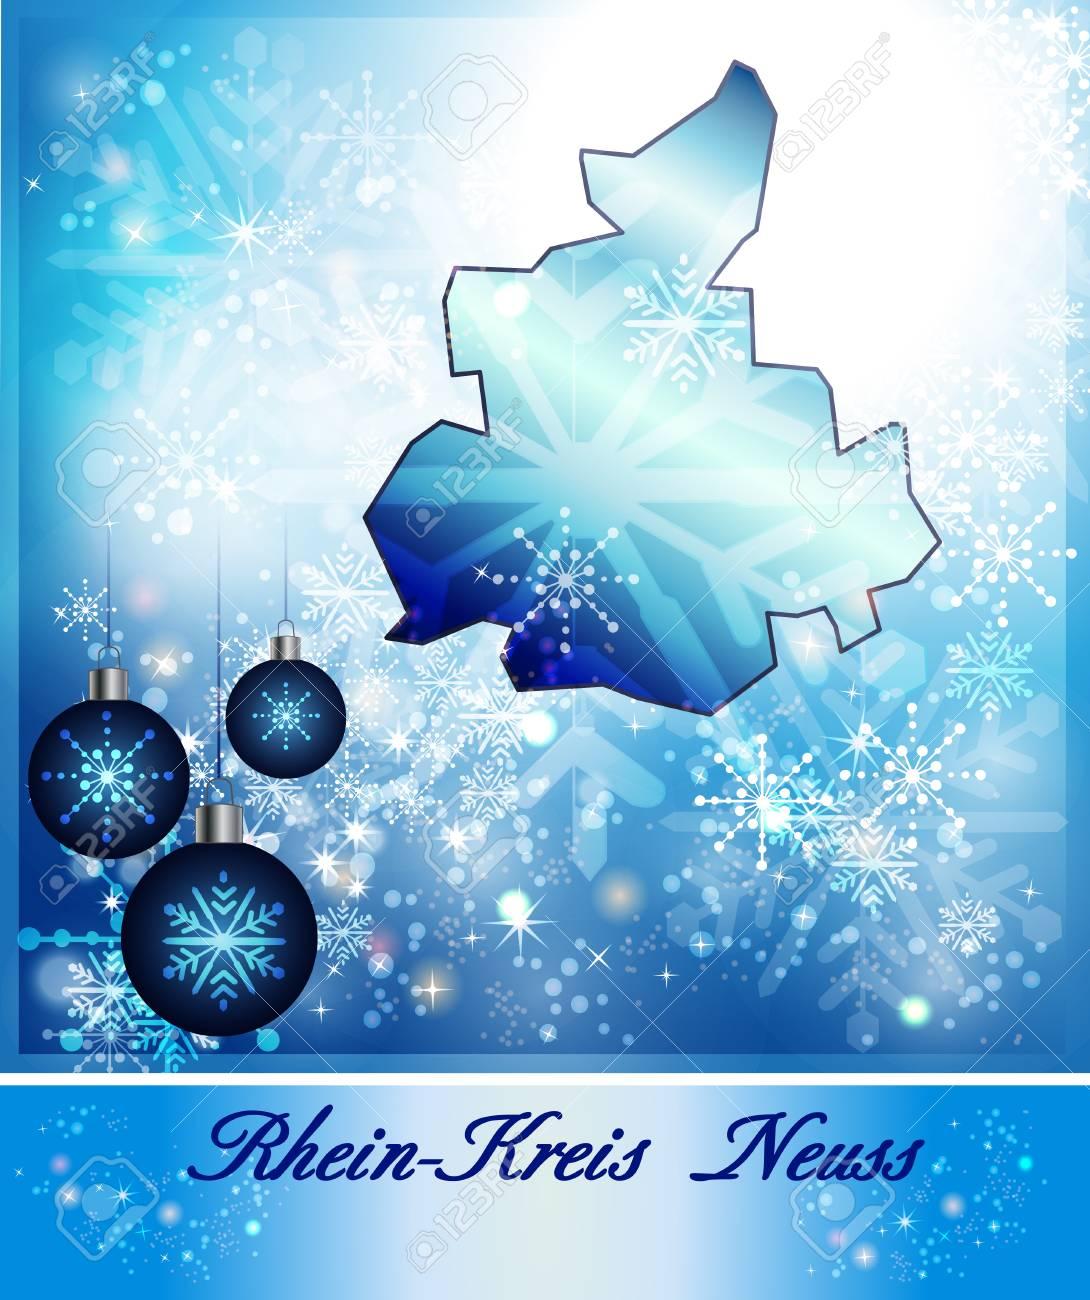 Map Of RheinKreisNeuss In Christmas Design In Blue Stock Photo